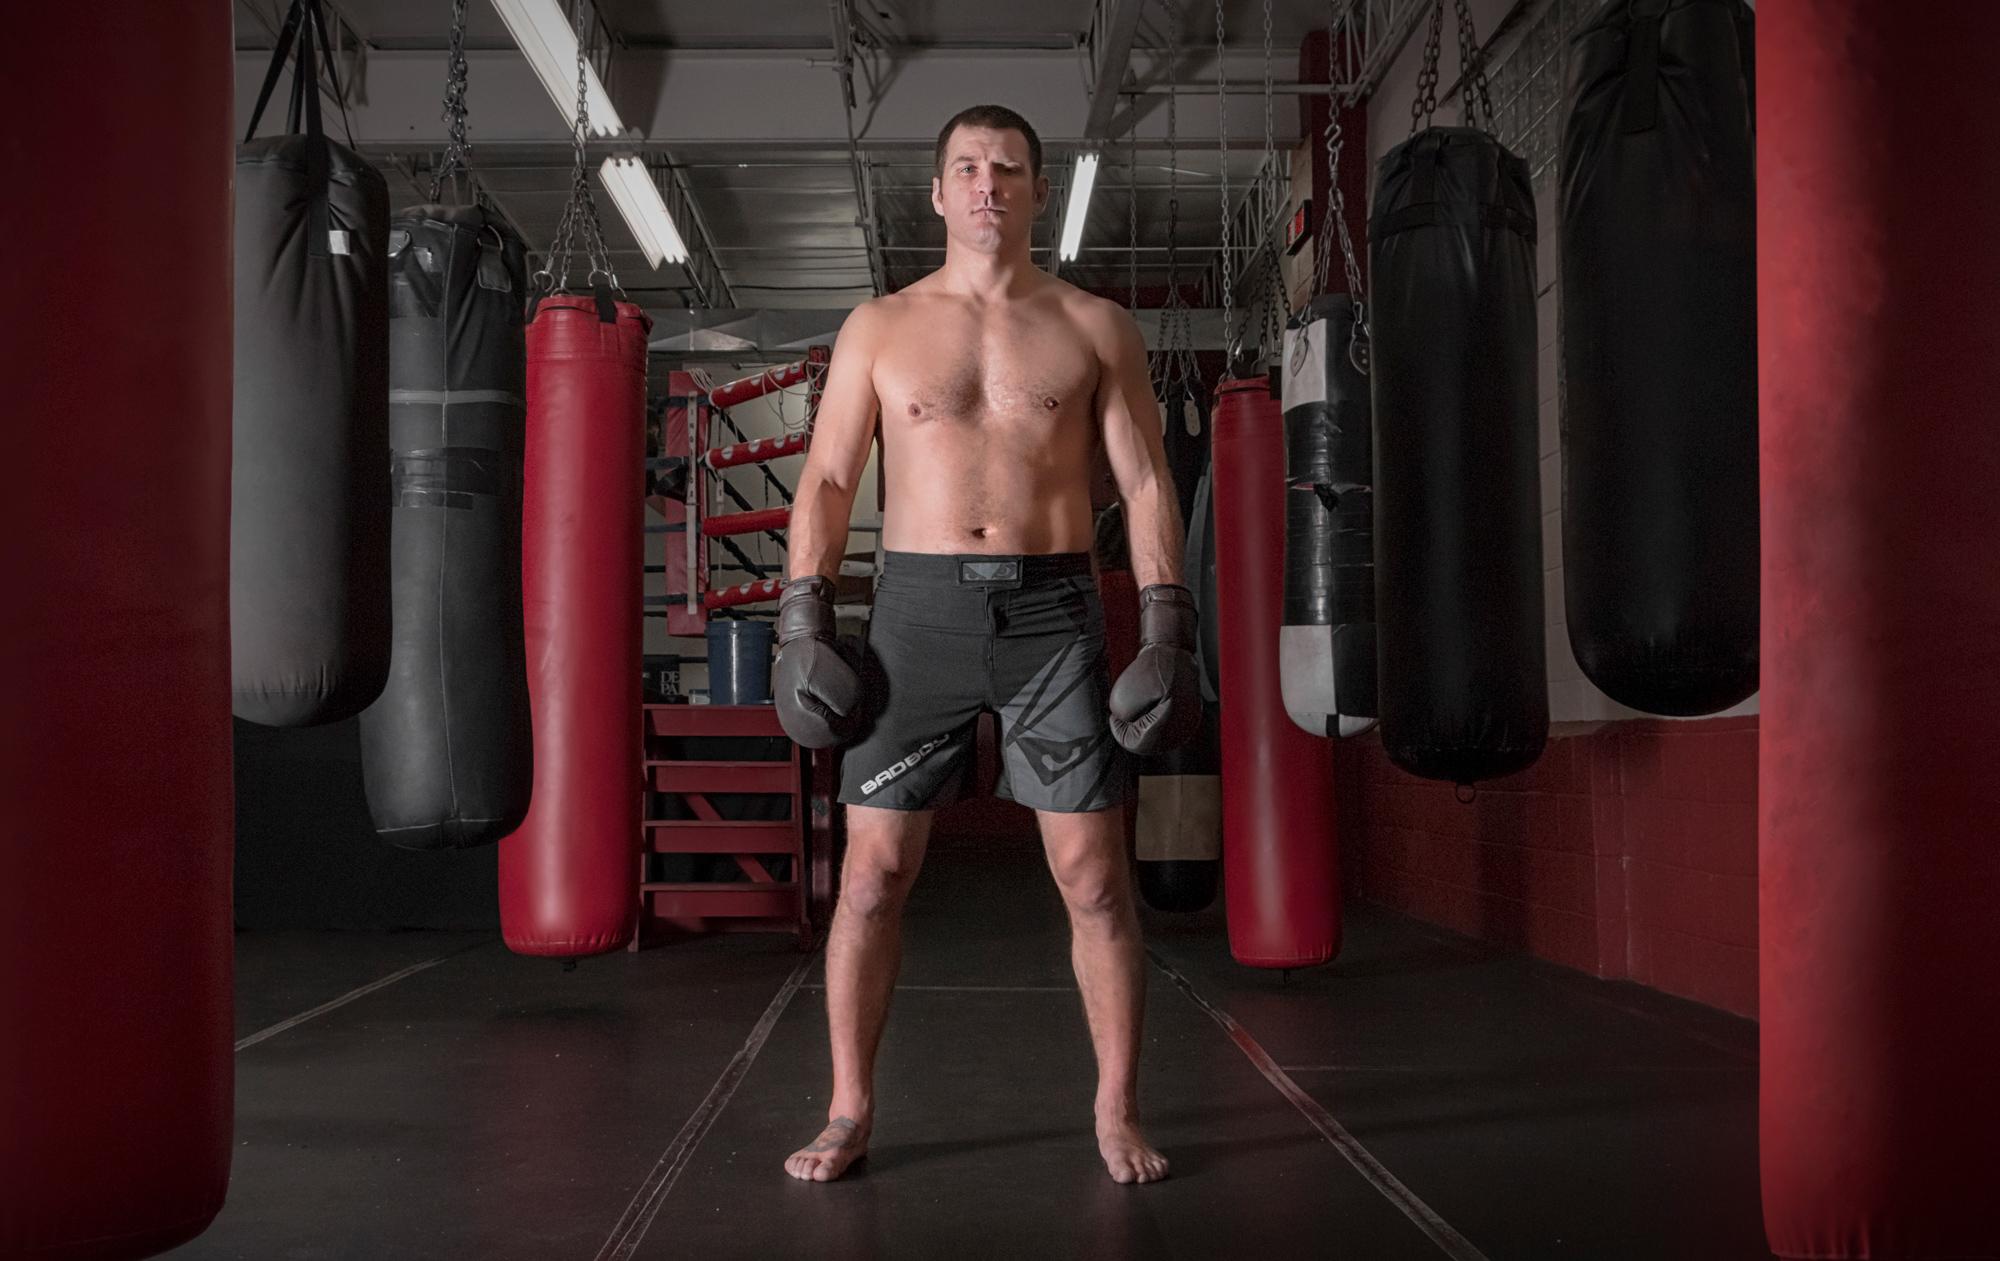 stipe-boxing-1.jpg